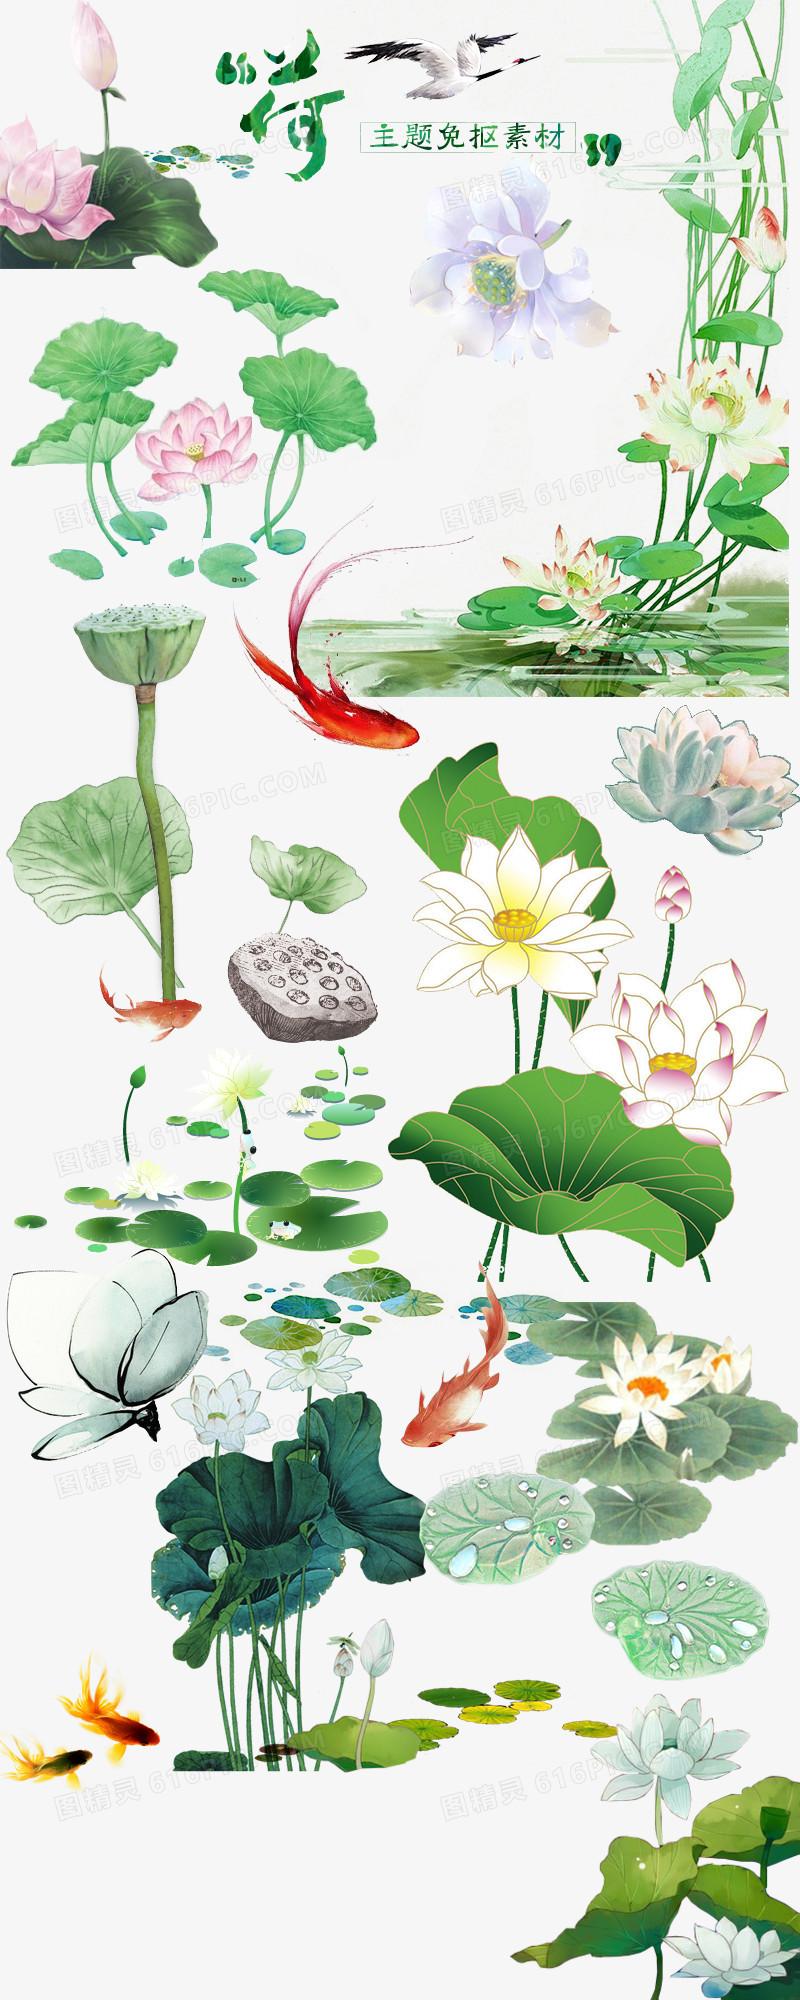 荷花免抠图手绘素材中国风